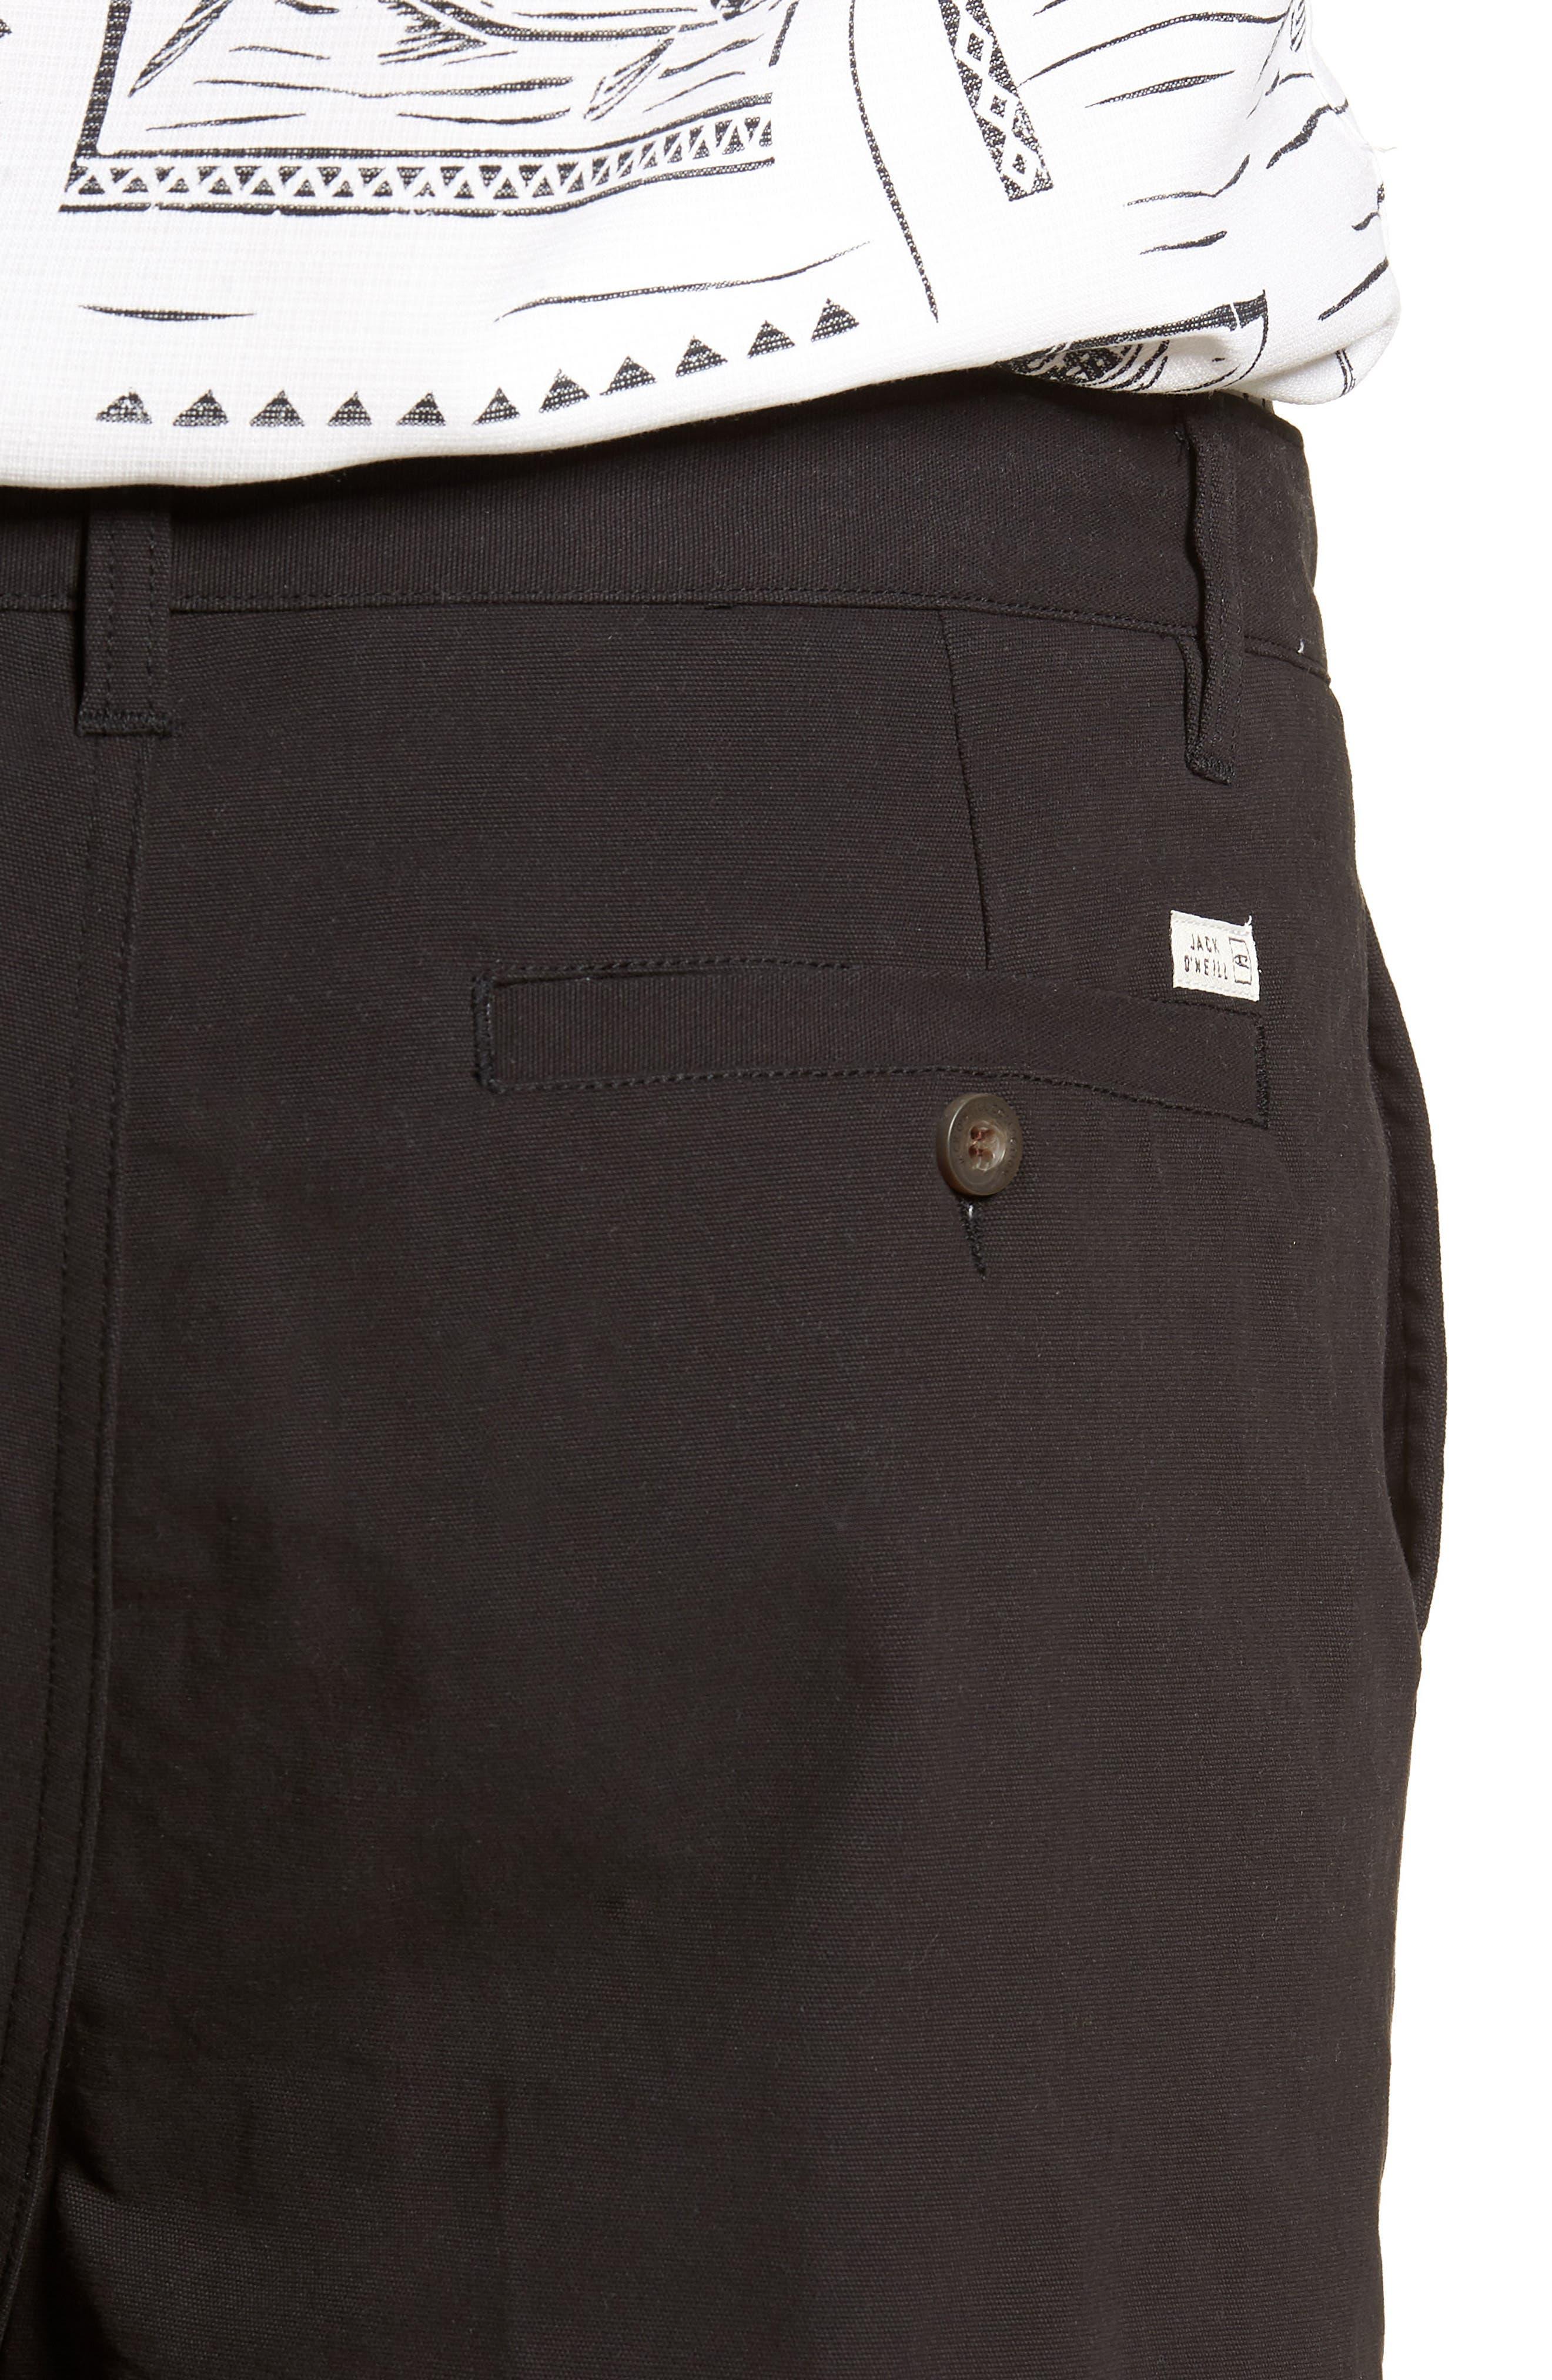 Port Shorts,                             Alternate thumbnail 4, color,                             BLACK